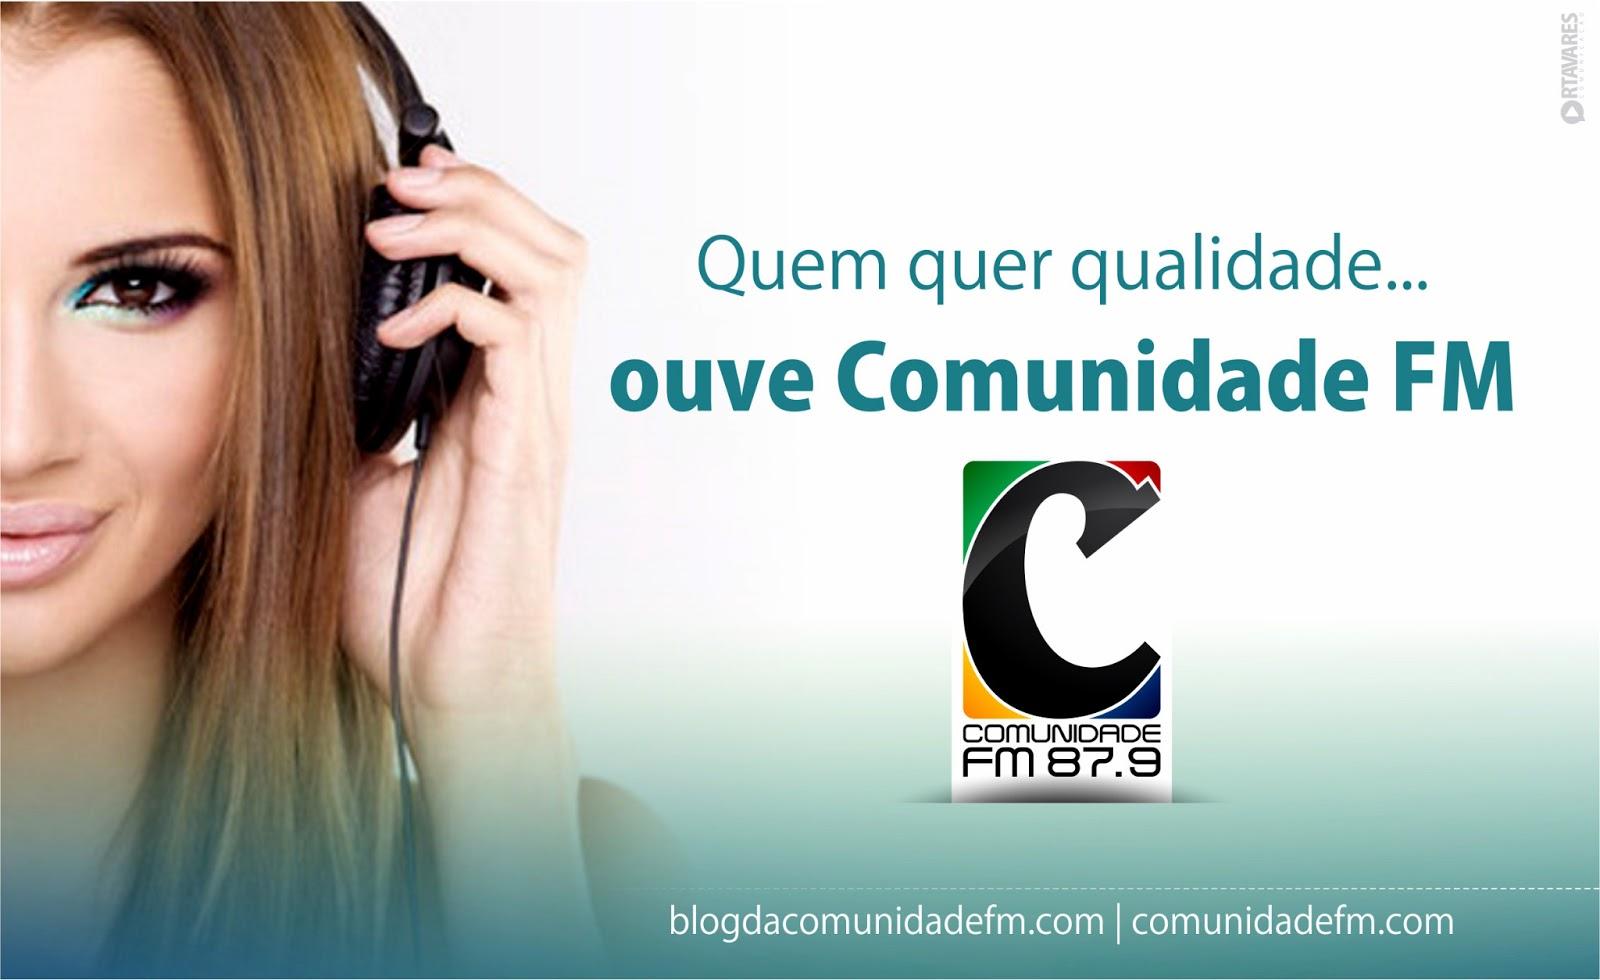 Comunidade FM - 87,9